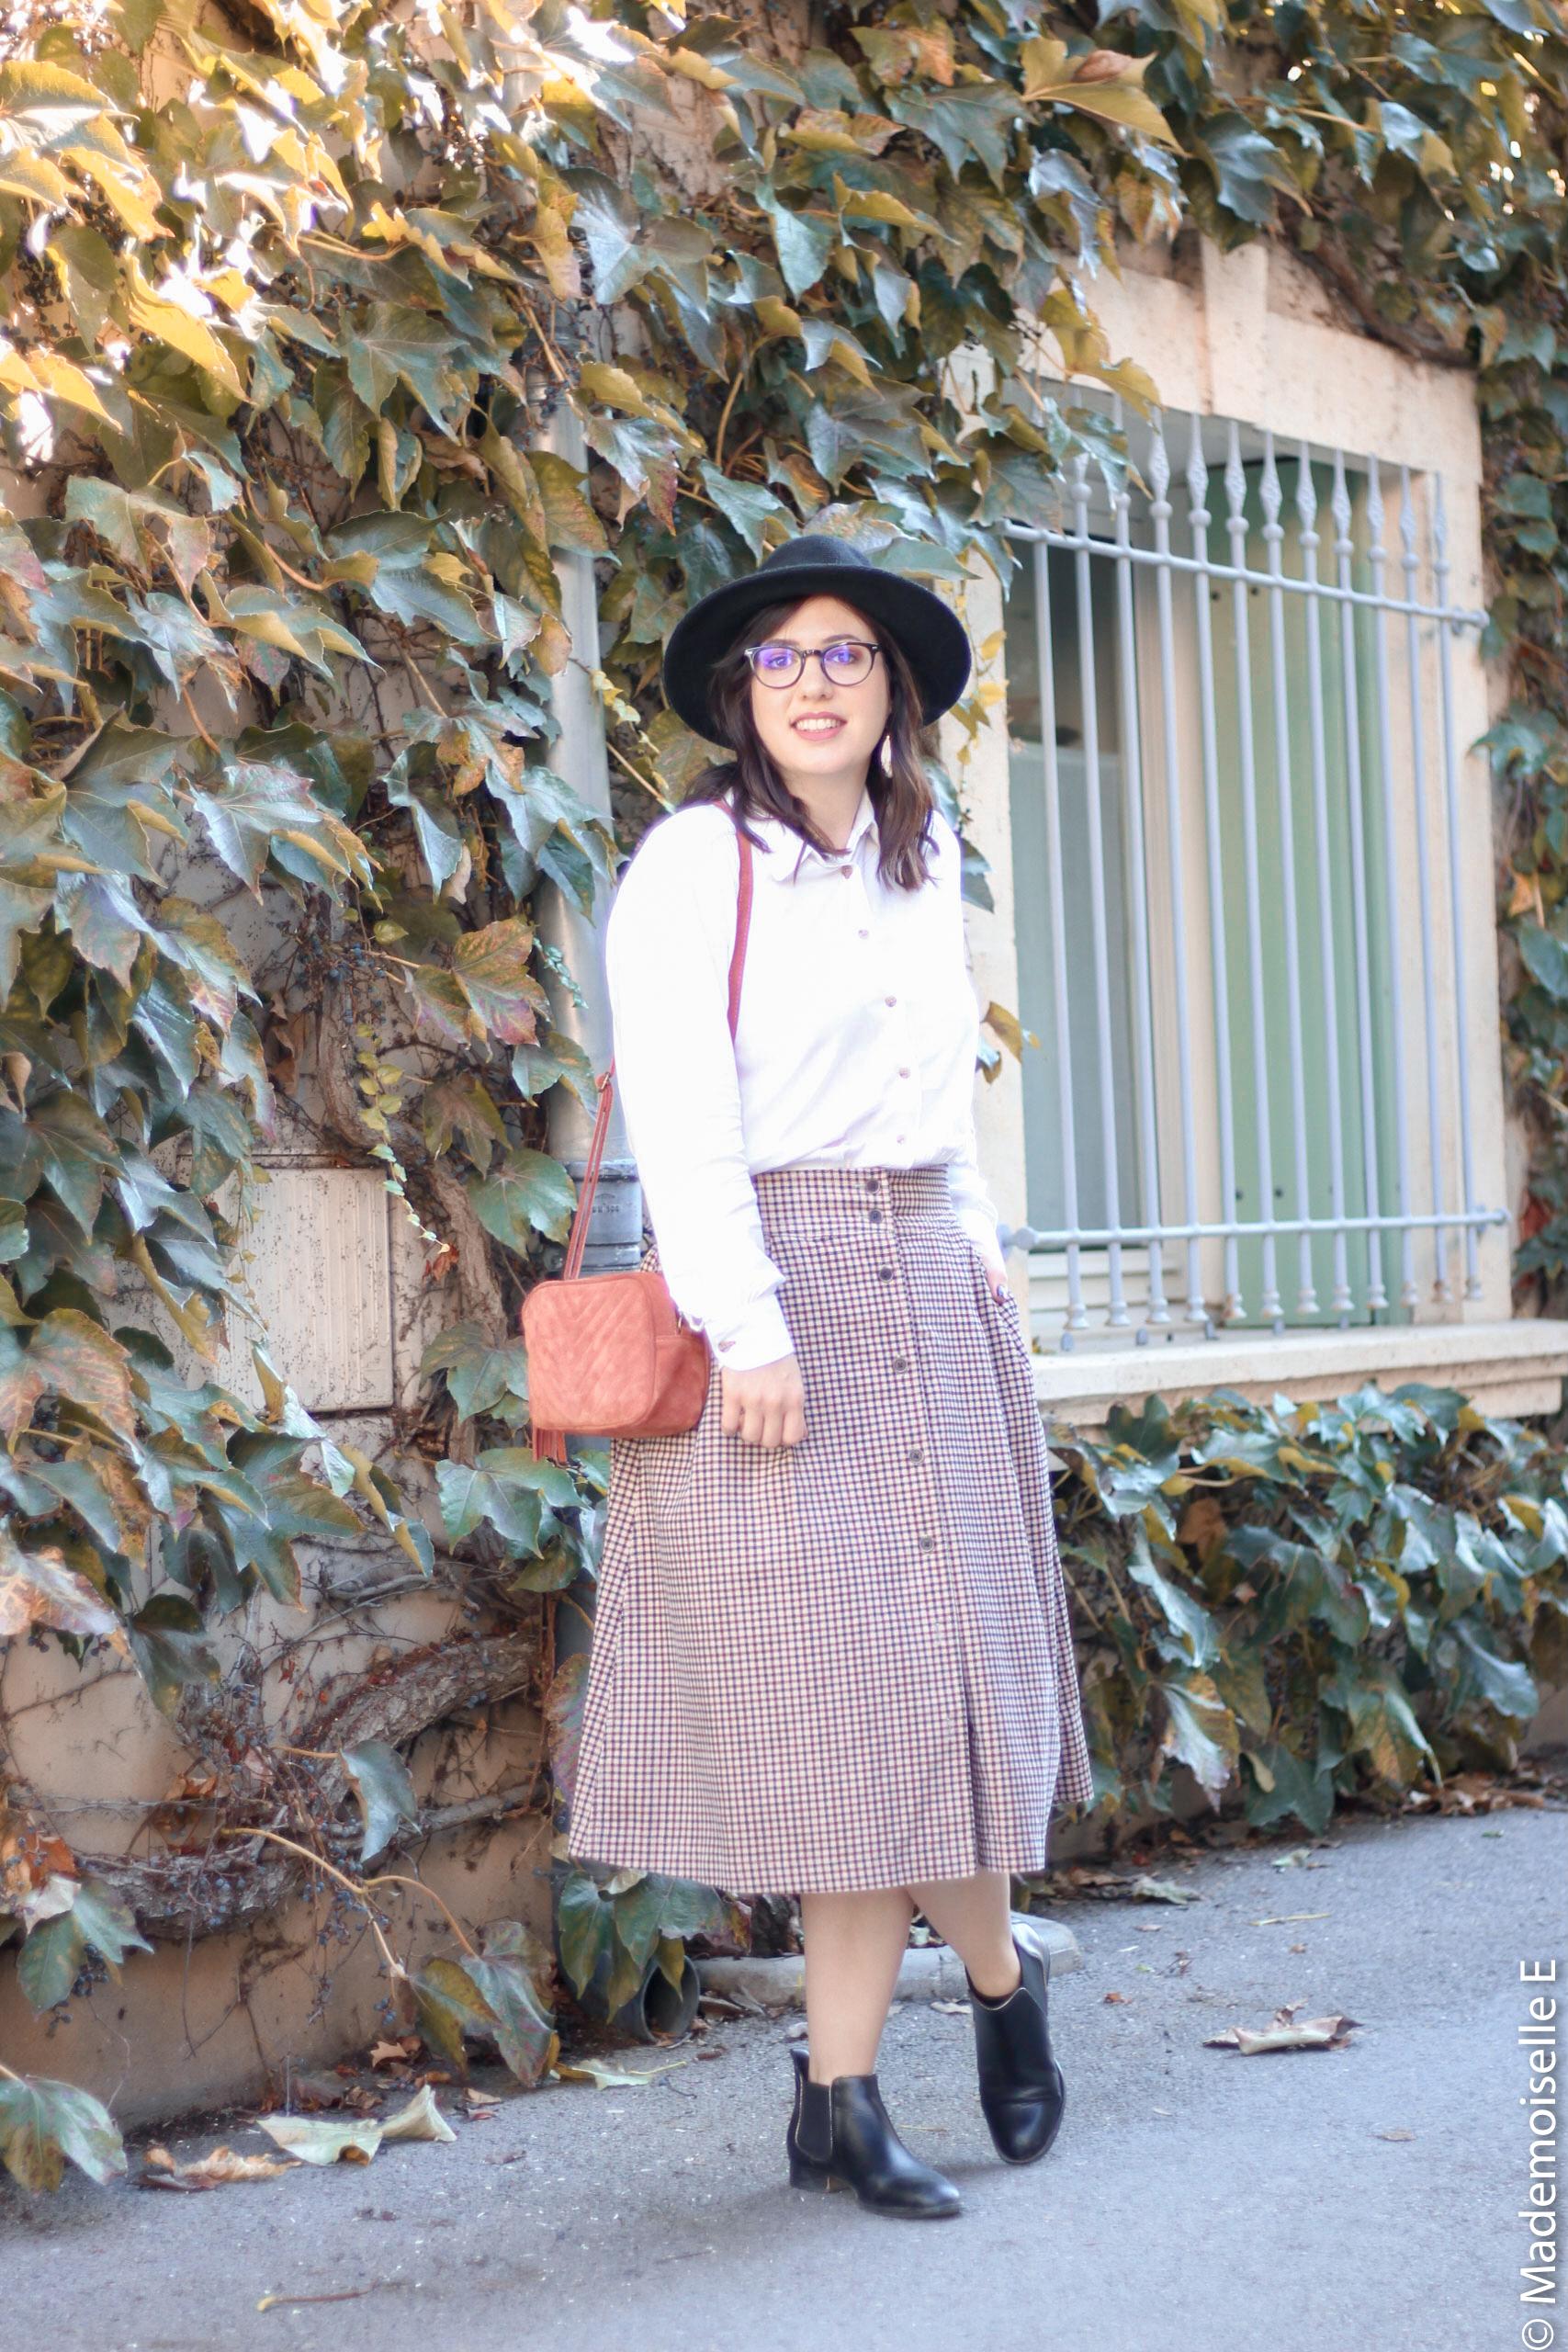 jupe midi Ines de la Fressange x uniqlo 22 mademoiselle-e